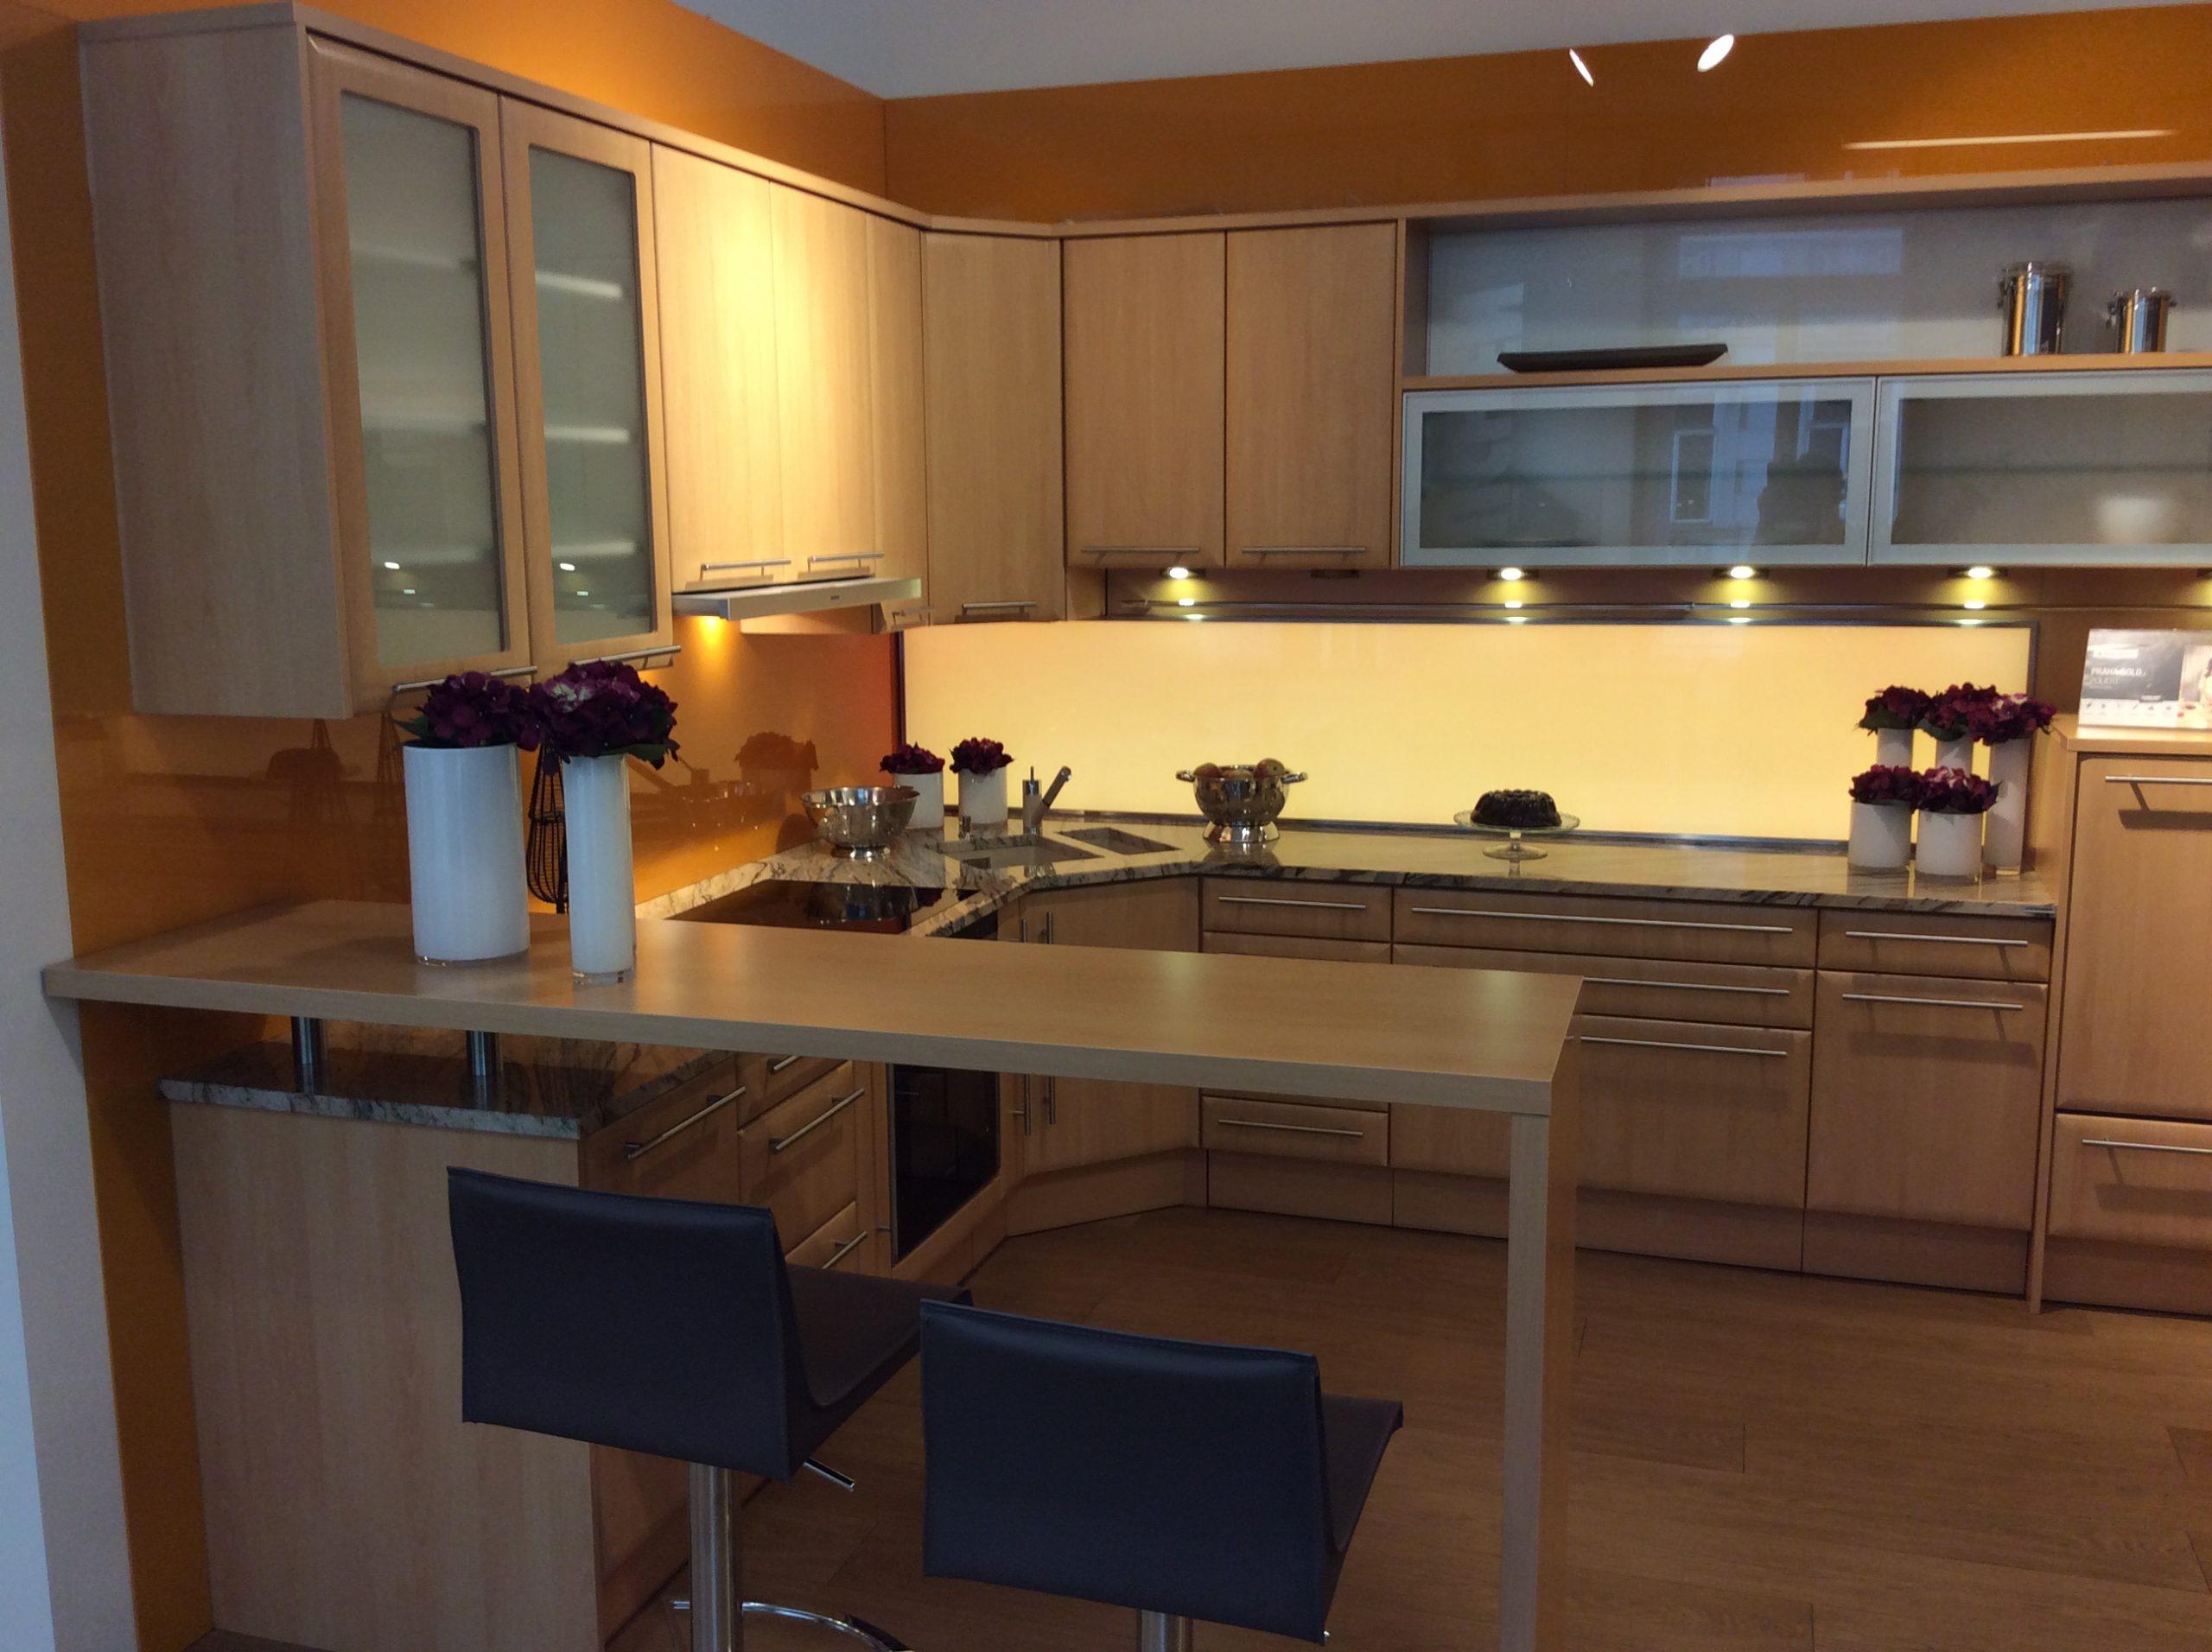 Full Size of Küche Teuer Oder Billig Küche Billig Kaufen Küche U Form Billig Küche Billig Wien Küche Küche Billig